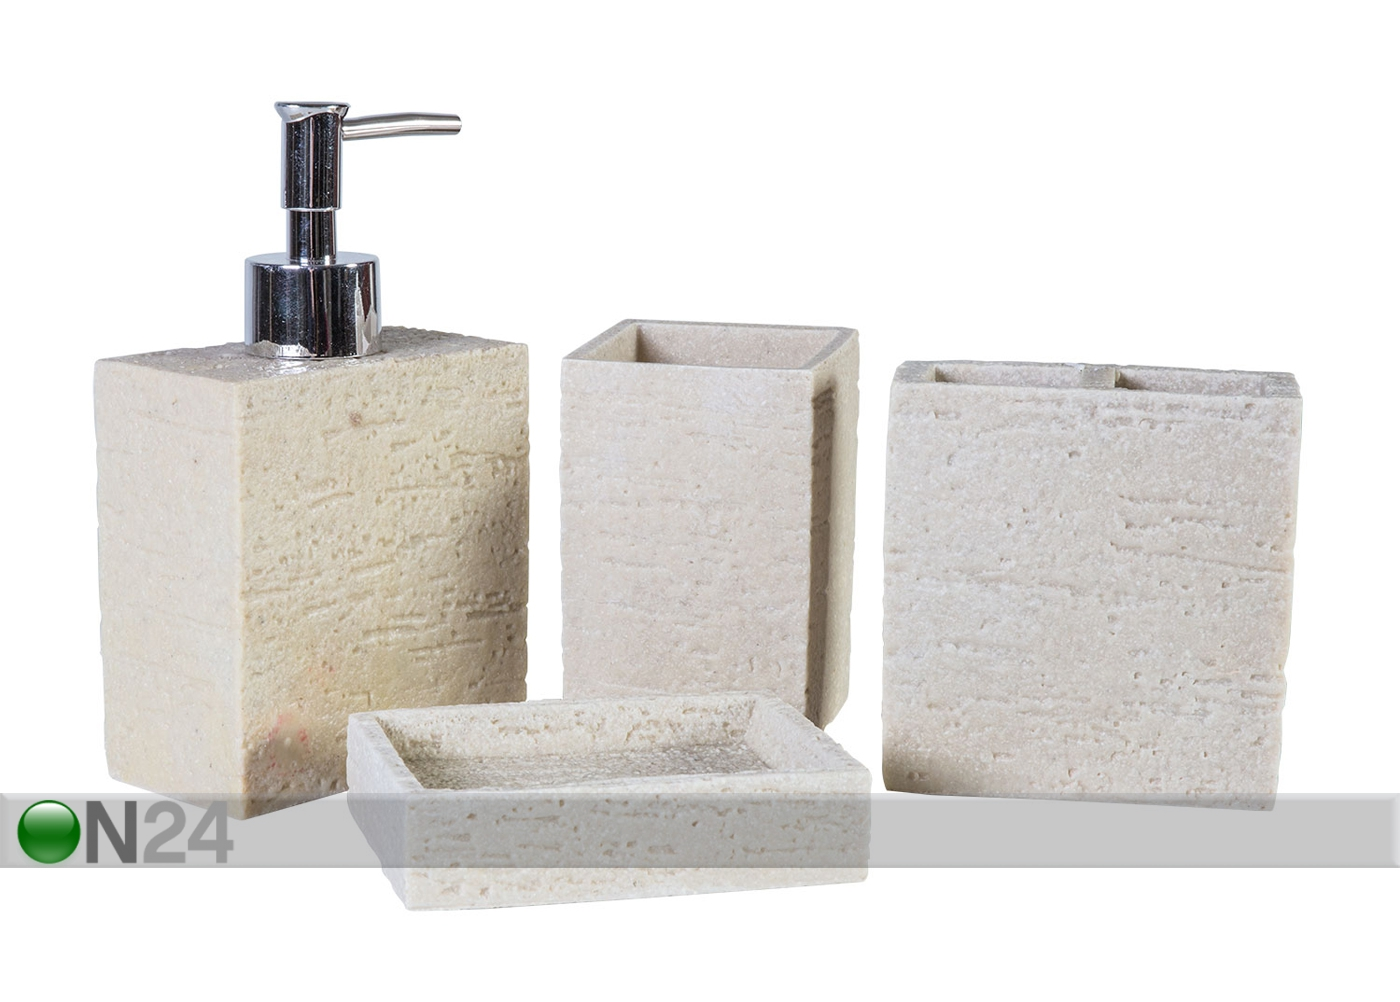 Viimeistele kylpyhuone kauniilla saman sarjan hammasharjamukilla ja saippuapumpulla. Suositut muoviset meikkitelineet pitävät meikit ja sudit ojennuksessa, suihkuun voit hankkia imukupilla kiinnitettävän suihkukorin ja muista myös wc paperiteline.